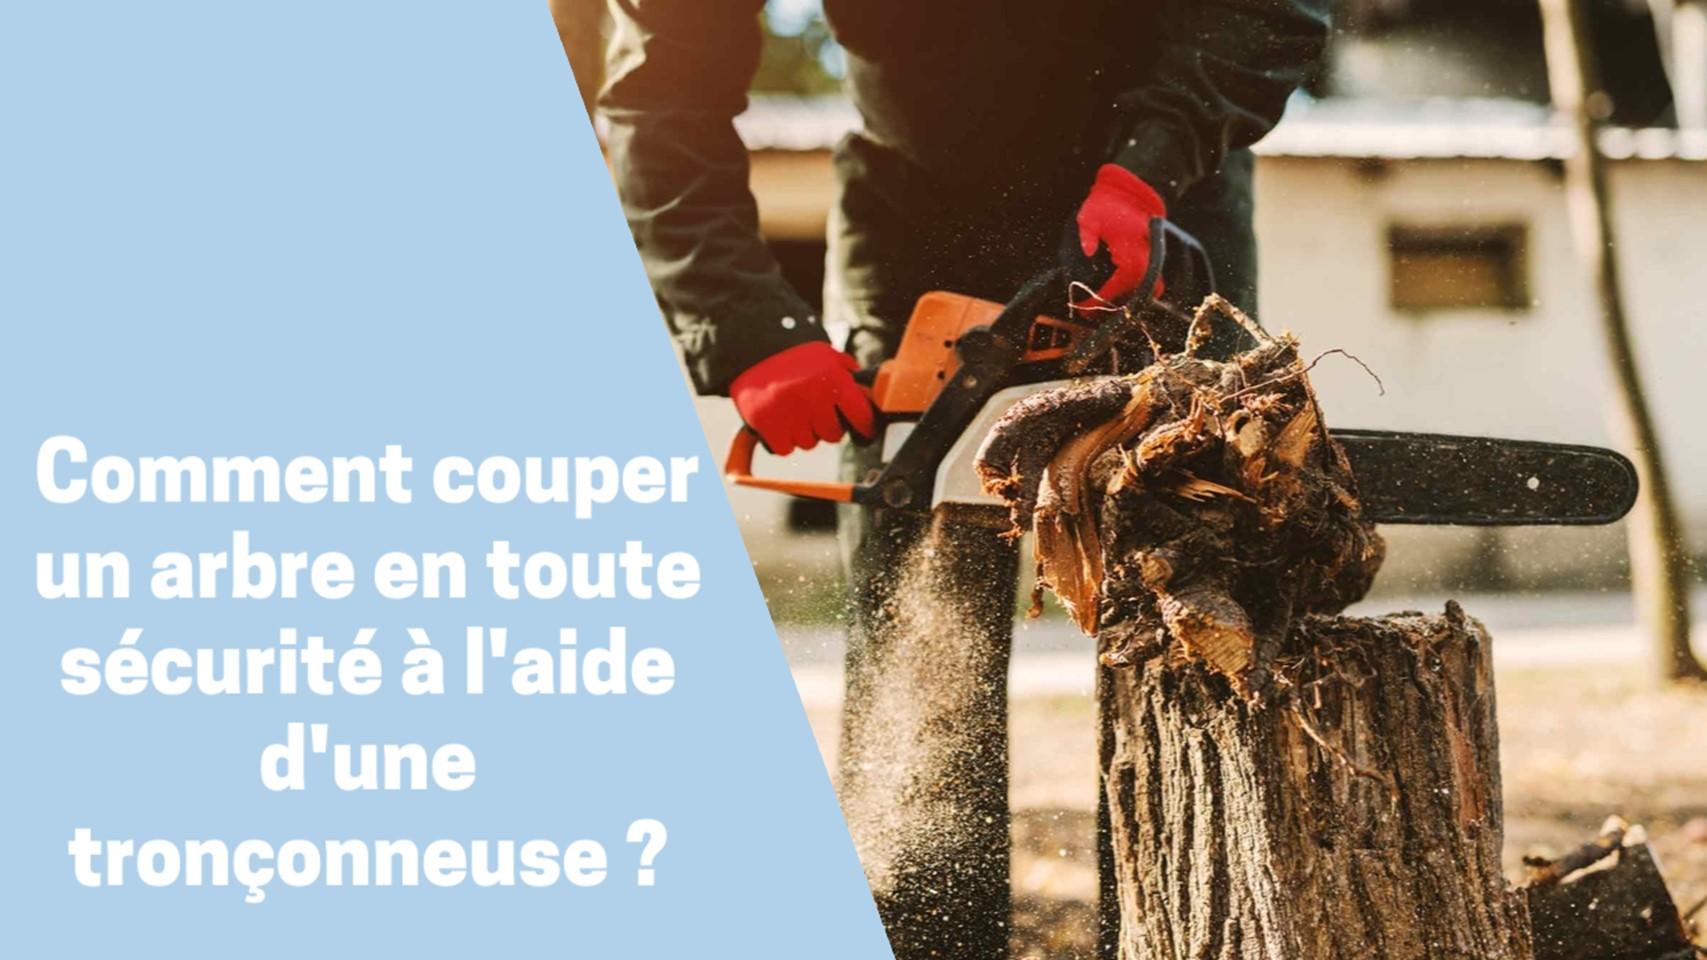 Photo de Comment couper un arbre en toute sécurité à l'aide d'une tronçonneuse ?